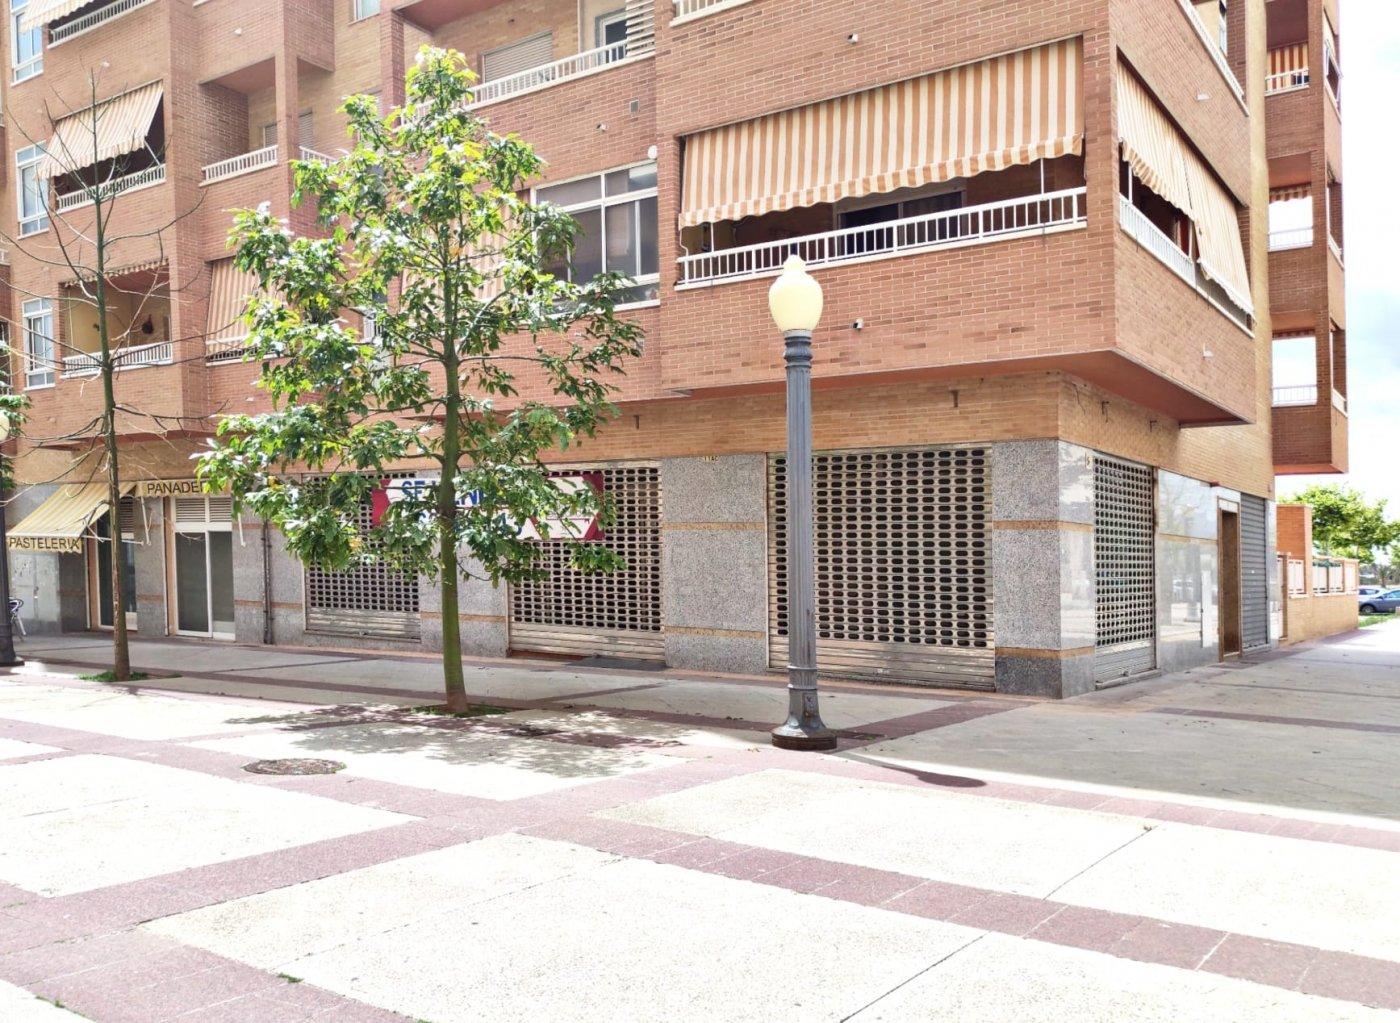 Local Alquilar elche universidad-ciudad-deportiva Ref.:1166-mls